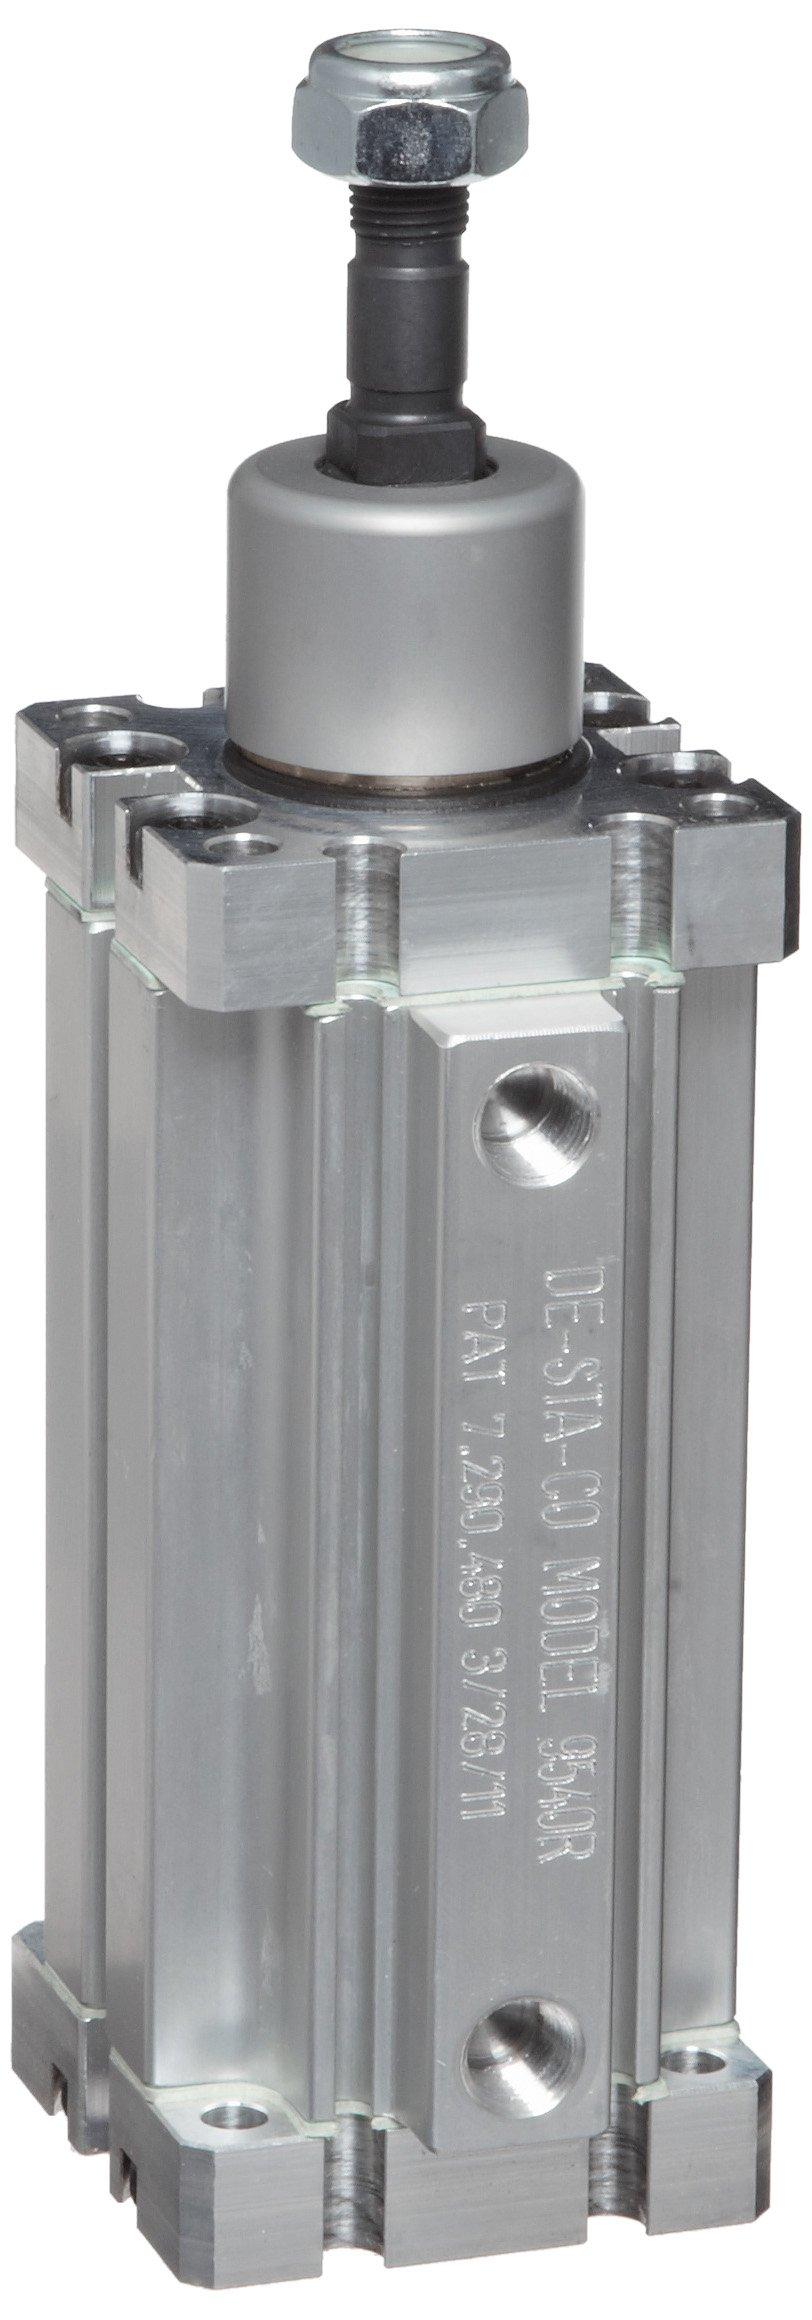 DE-STA-CO 9540R Pneumatic Swing Clamp by De-Sta-Co